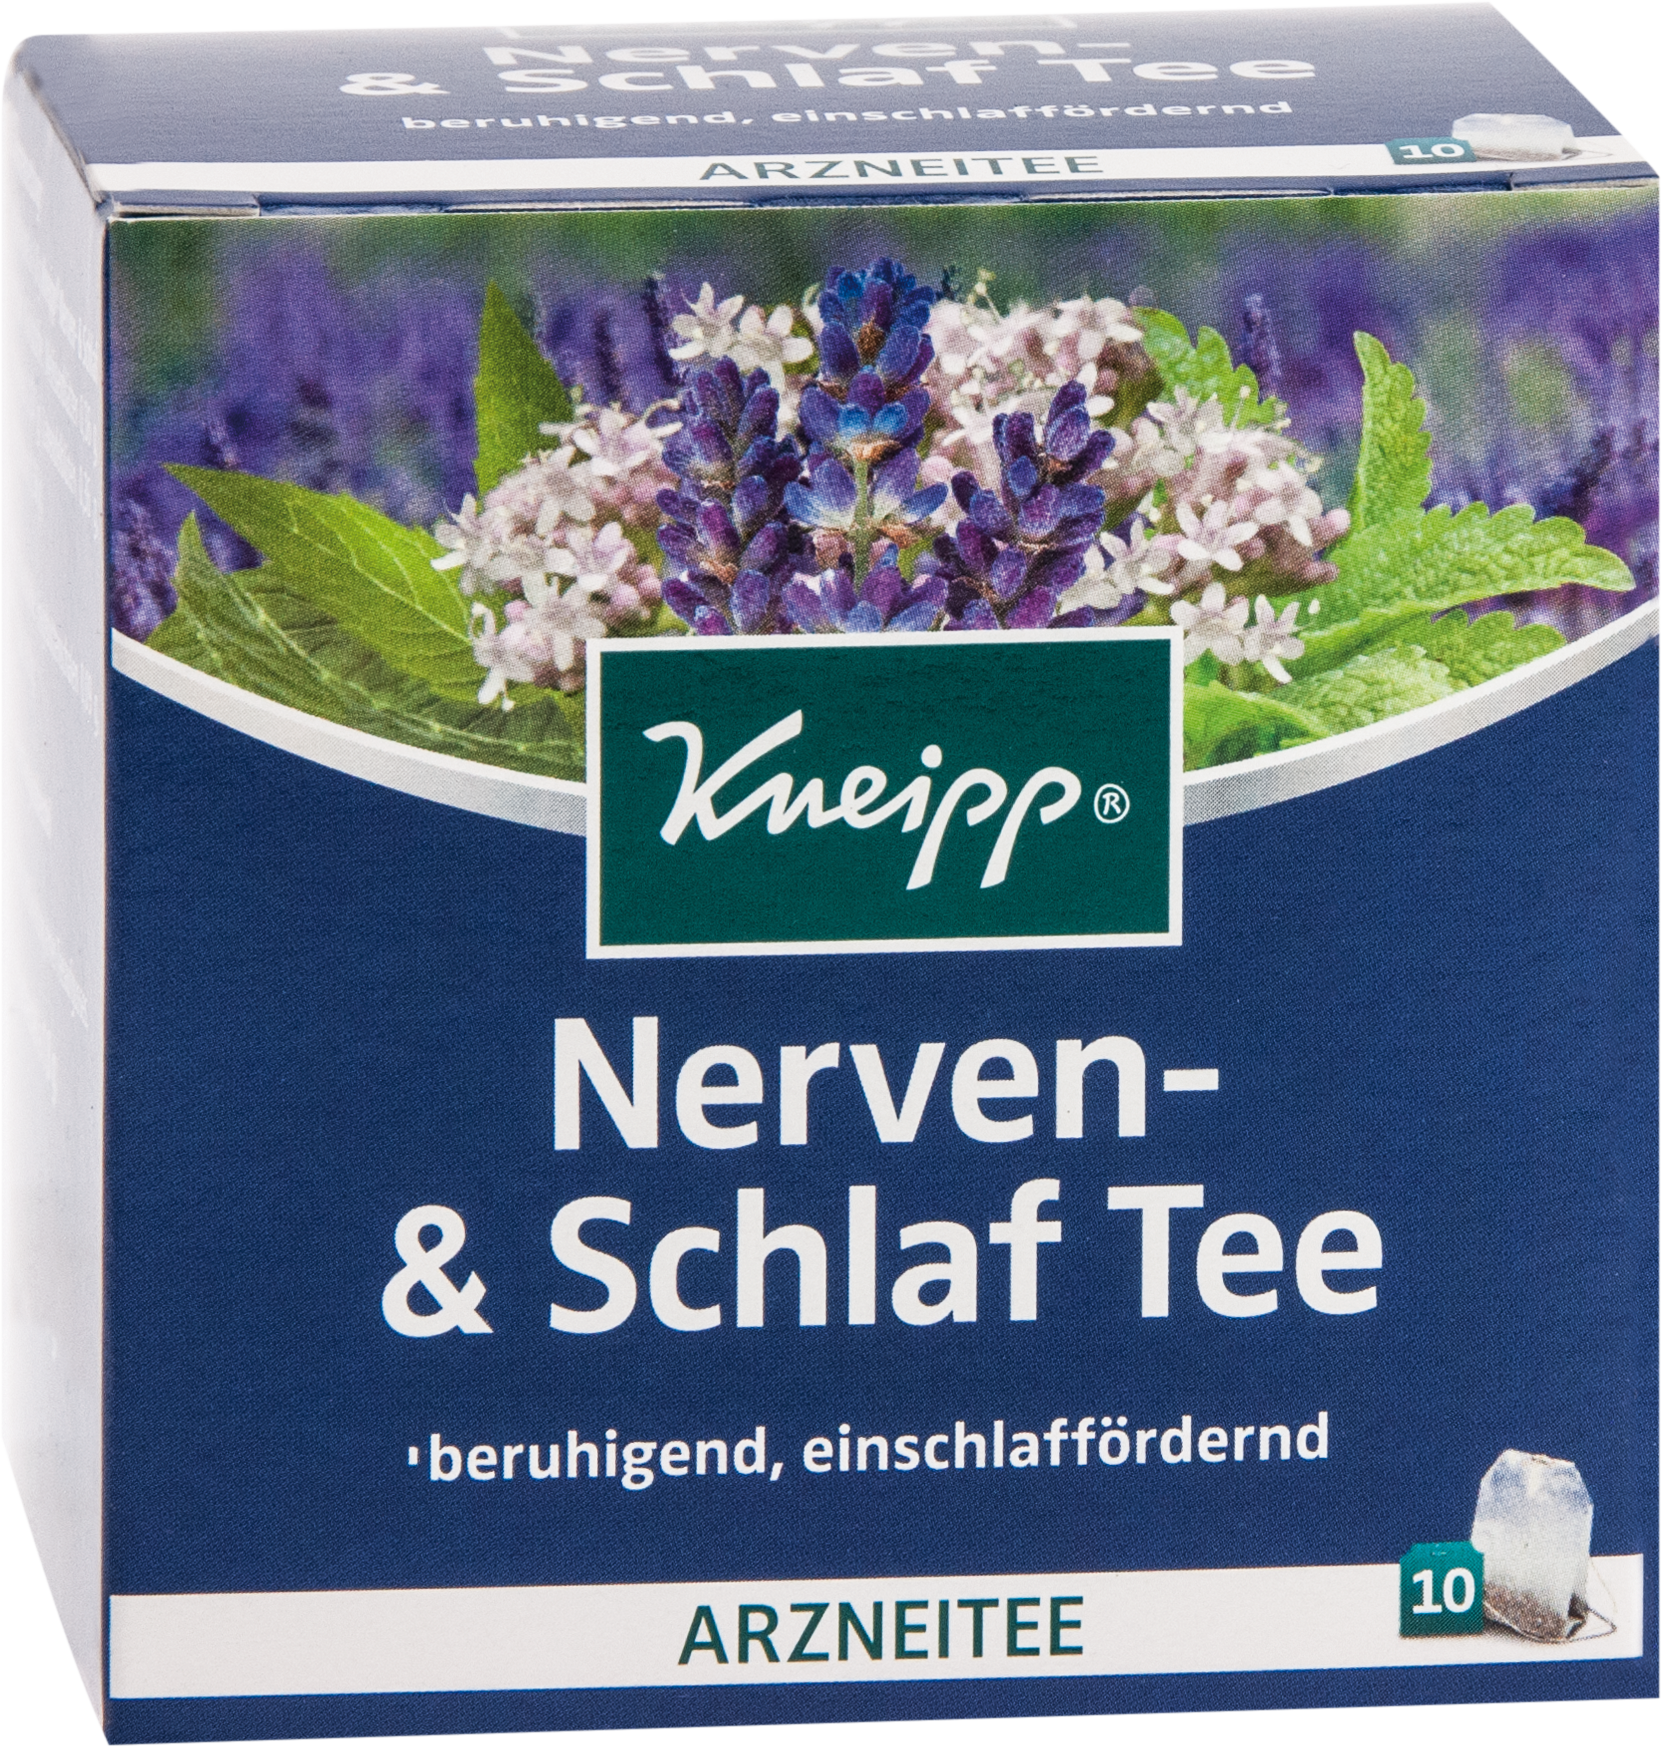 KNEIPP Nerven- & Schlaftee